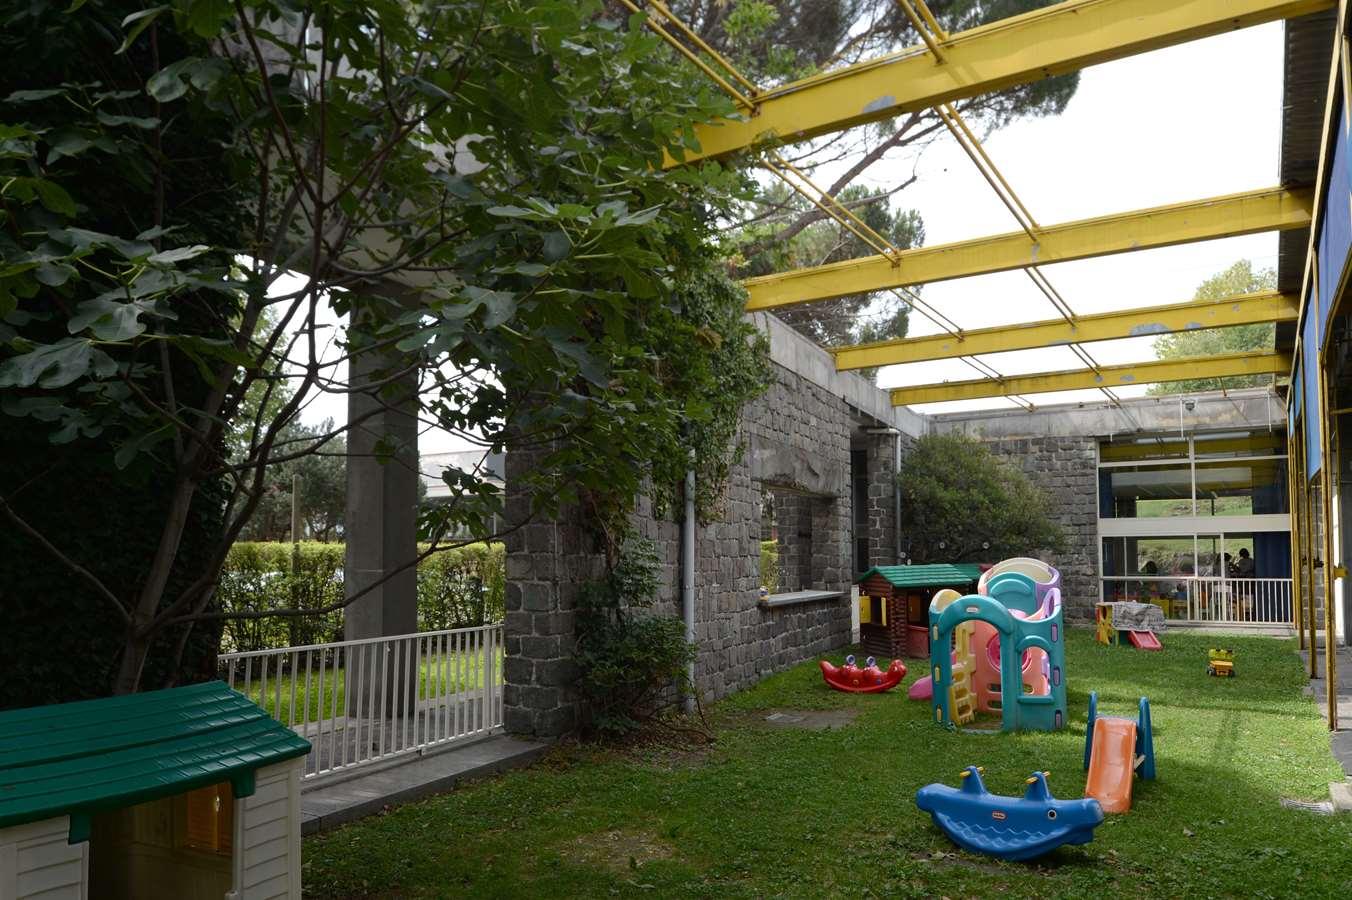 Asilo nido in borgo olivetti for Arredo asilo